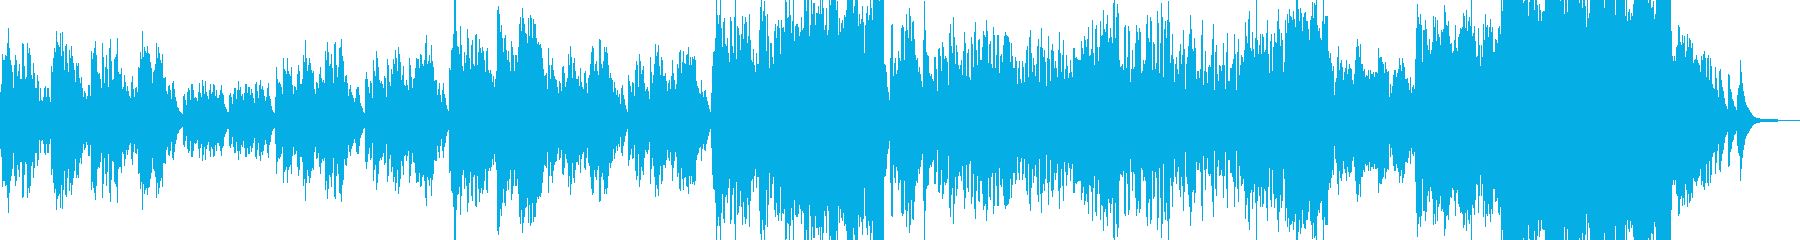 姫チックなワルツ・ストーリー的な展開 Cの再生済みの波形